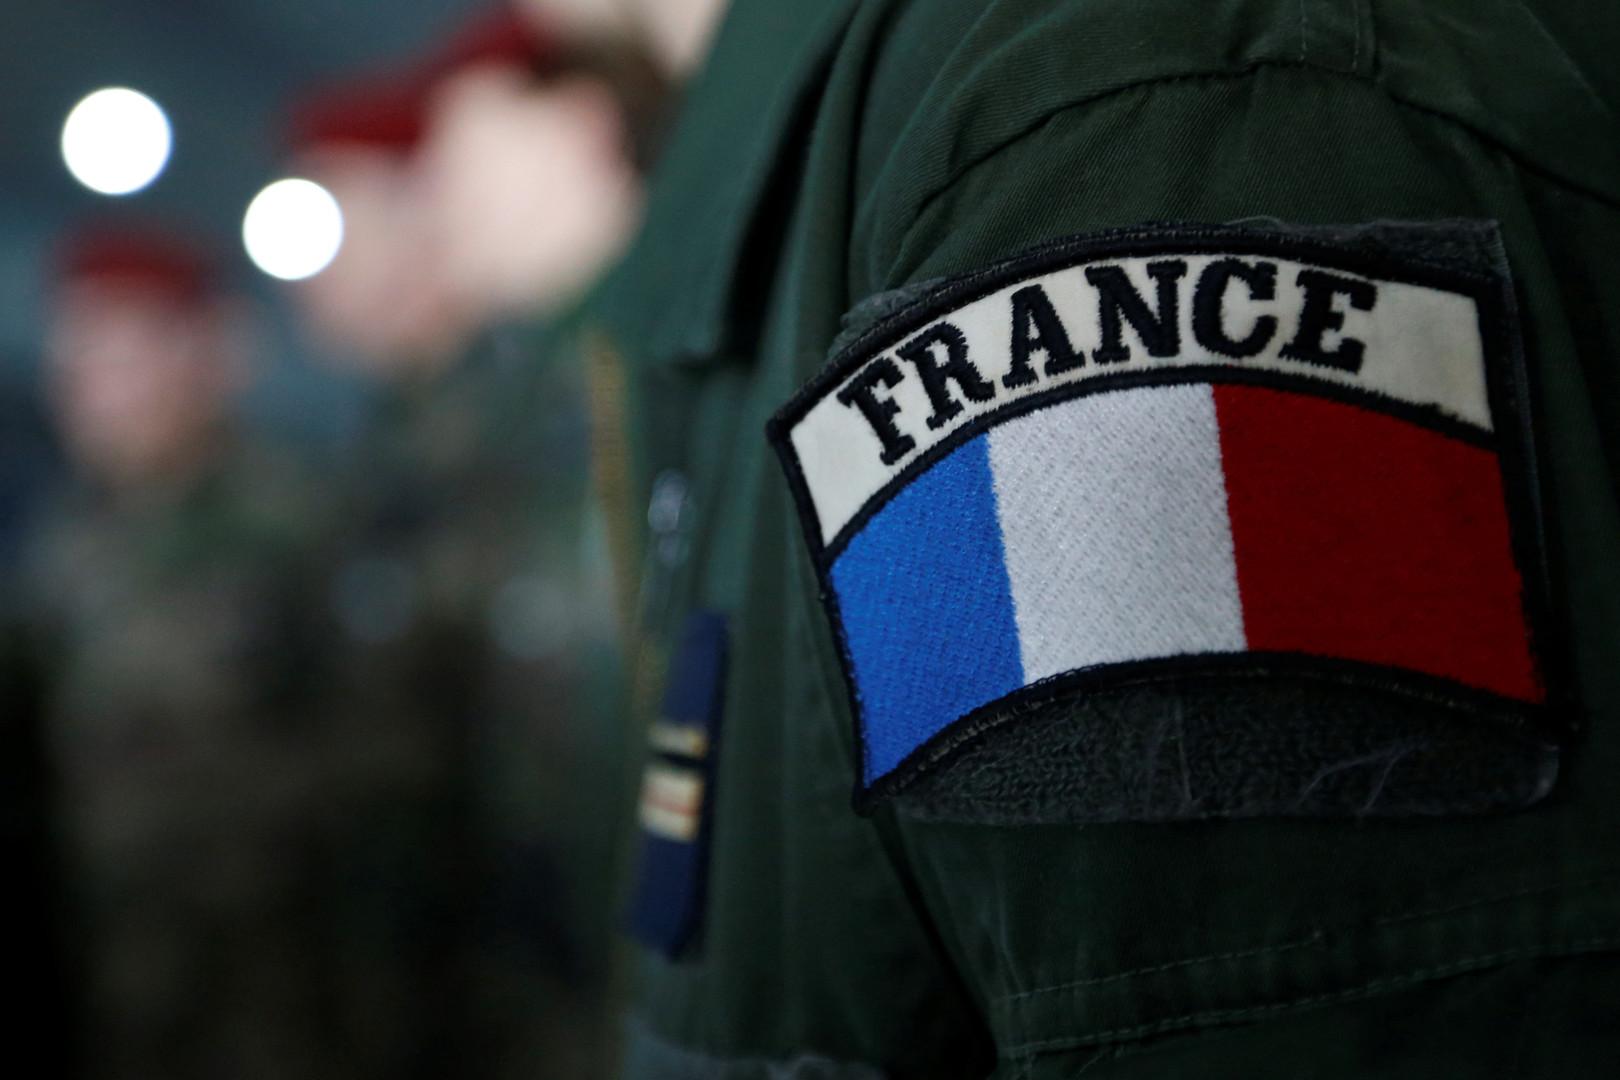 الجيش الفرنسي: لا تغيير على الدوريات البحرية في الخليج بعد